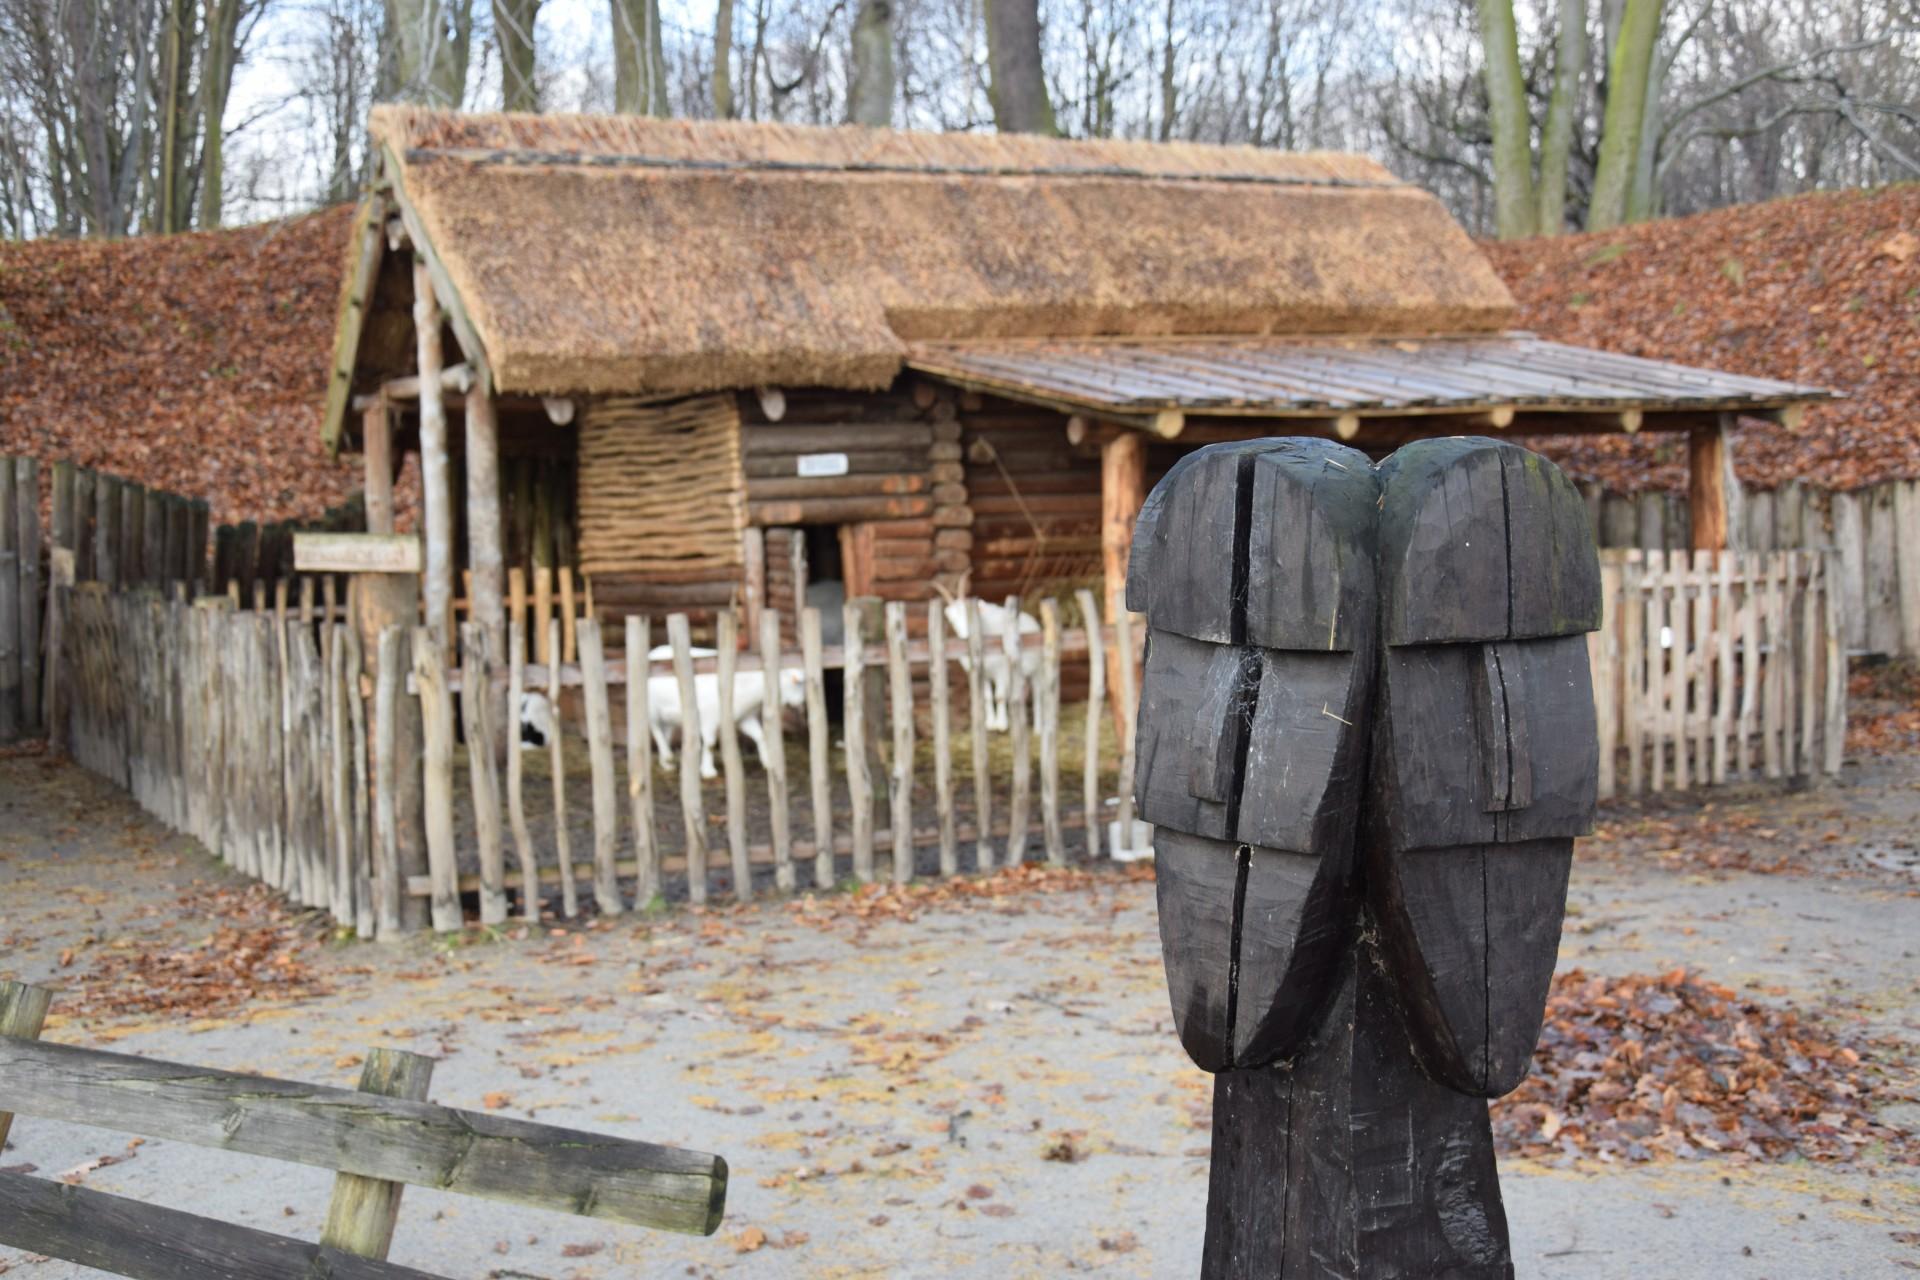 Figura Świętowita w Grodzisku w Sopocie. Fot. Tomasz Słomczyński/Magazyn Kaszuby